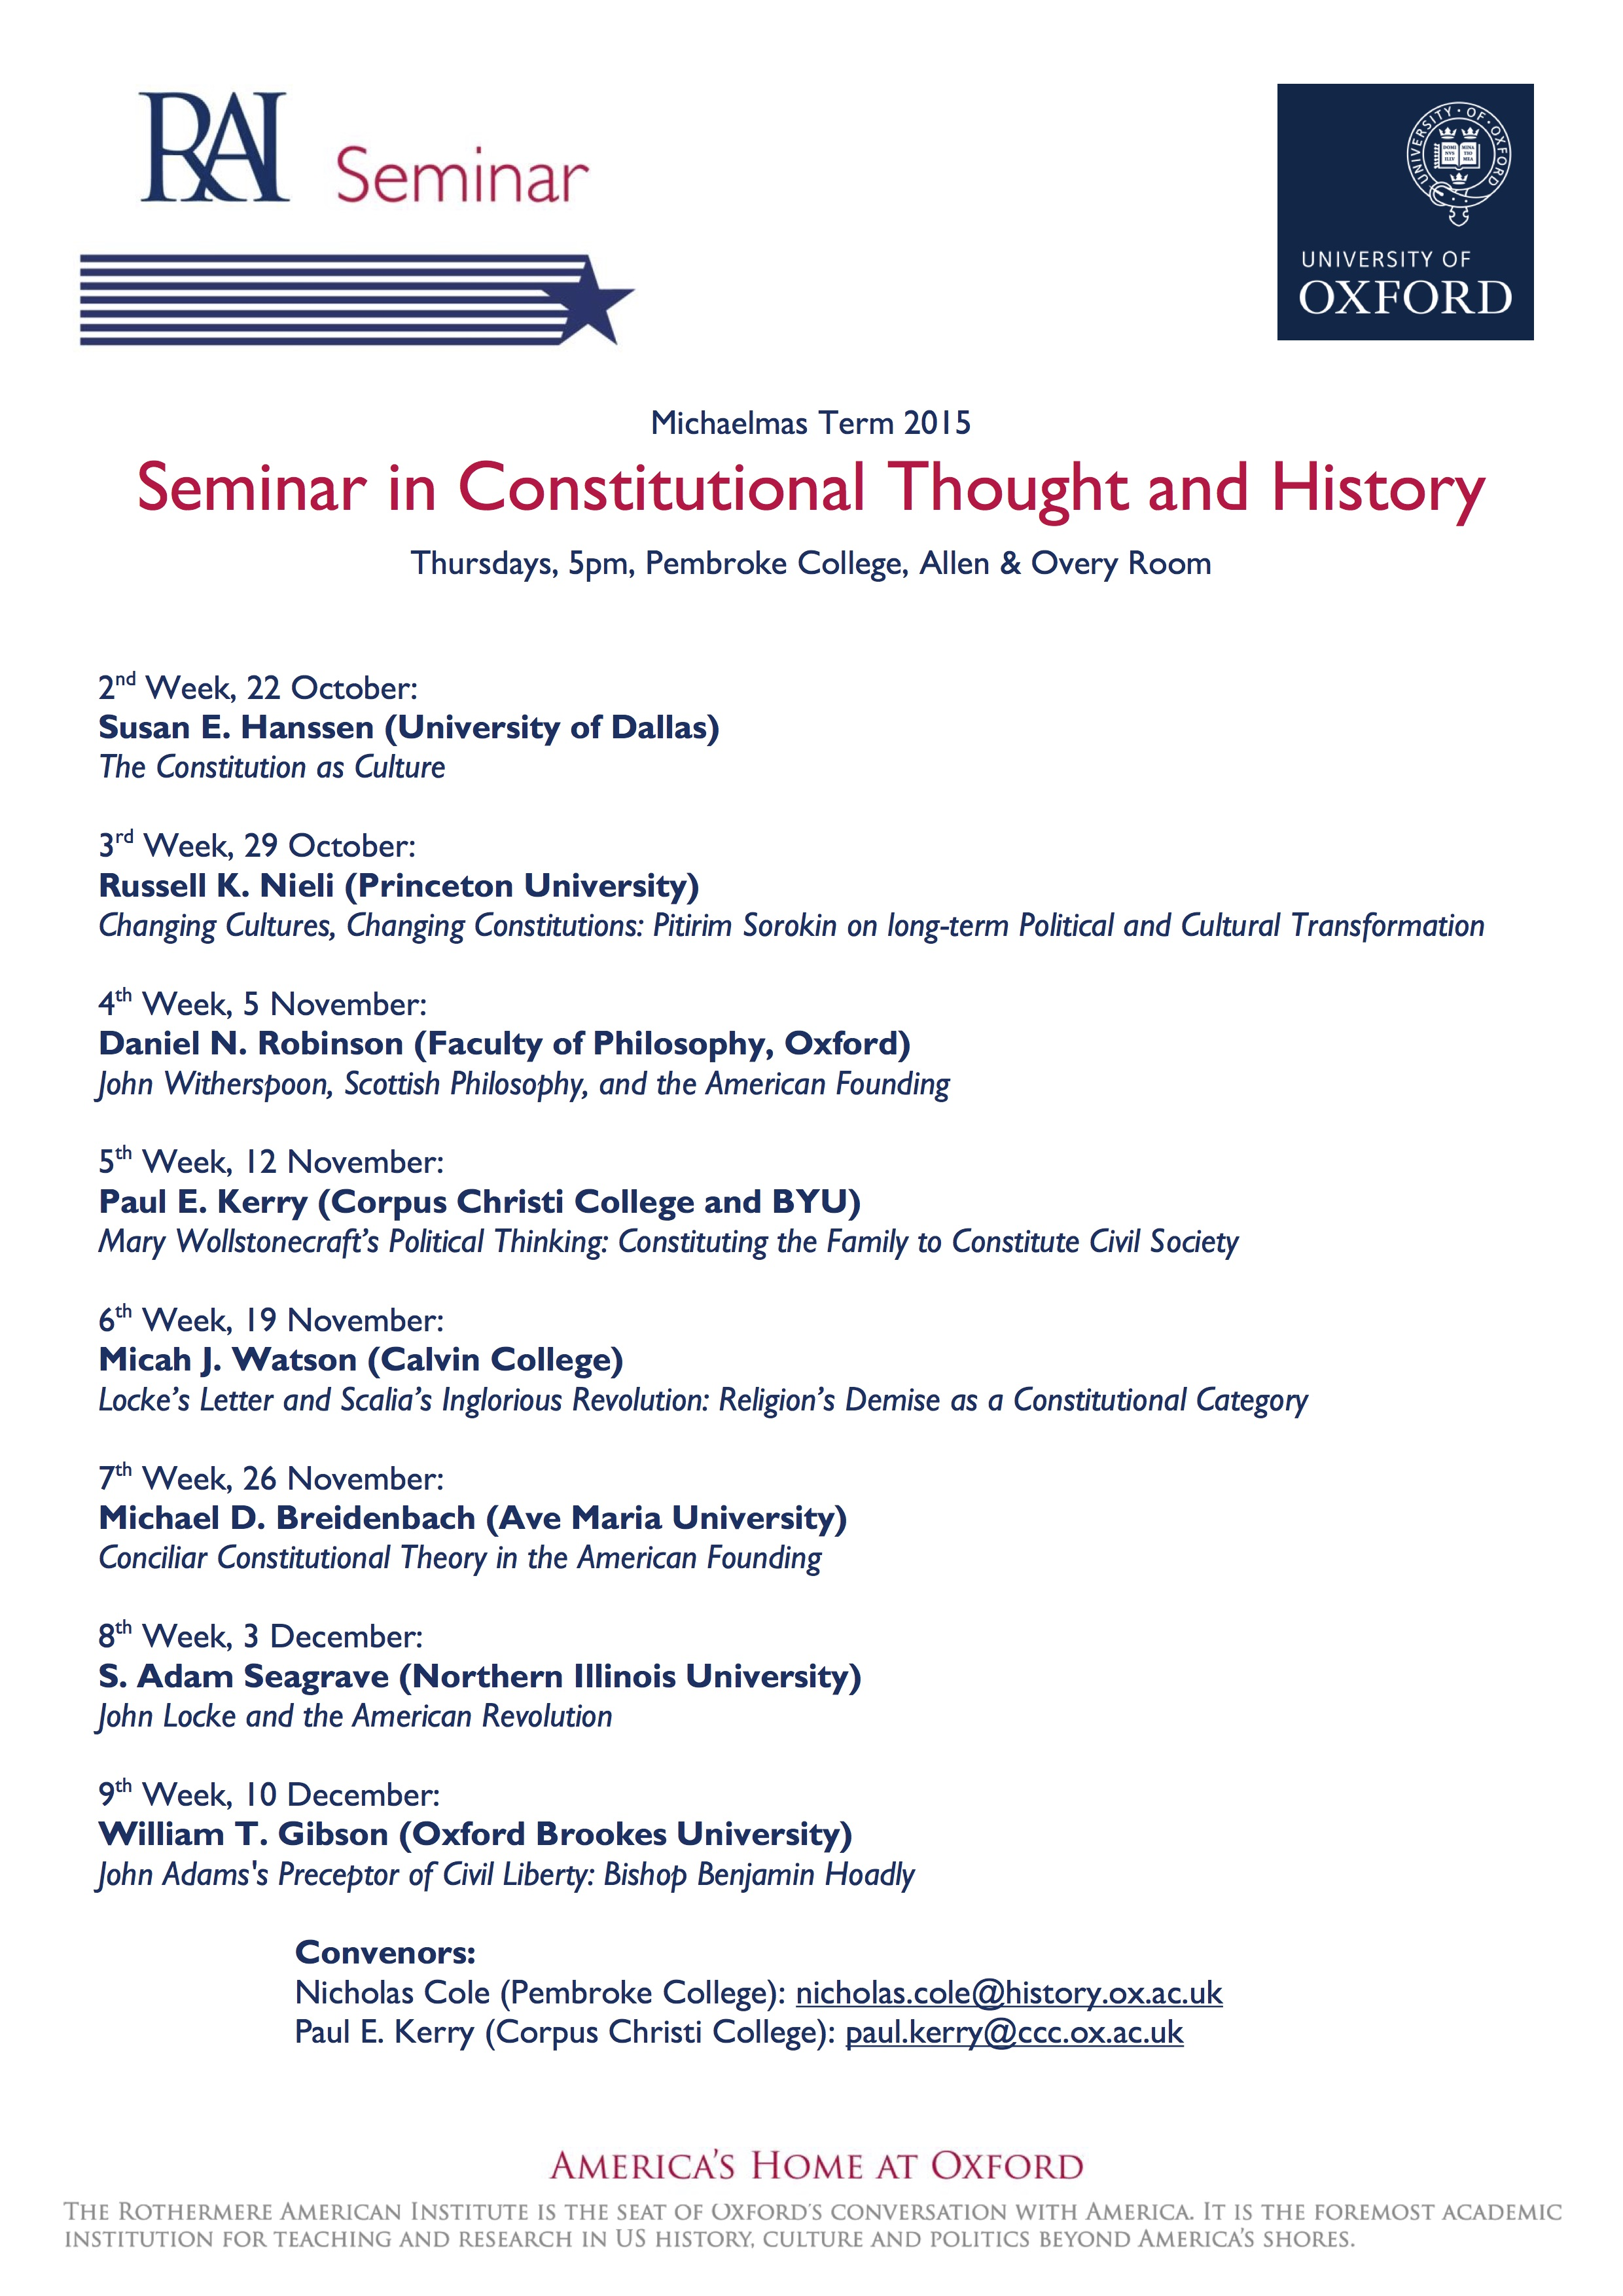 Oxford Michaelmas 2015 Seminar Schedule.jpg